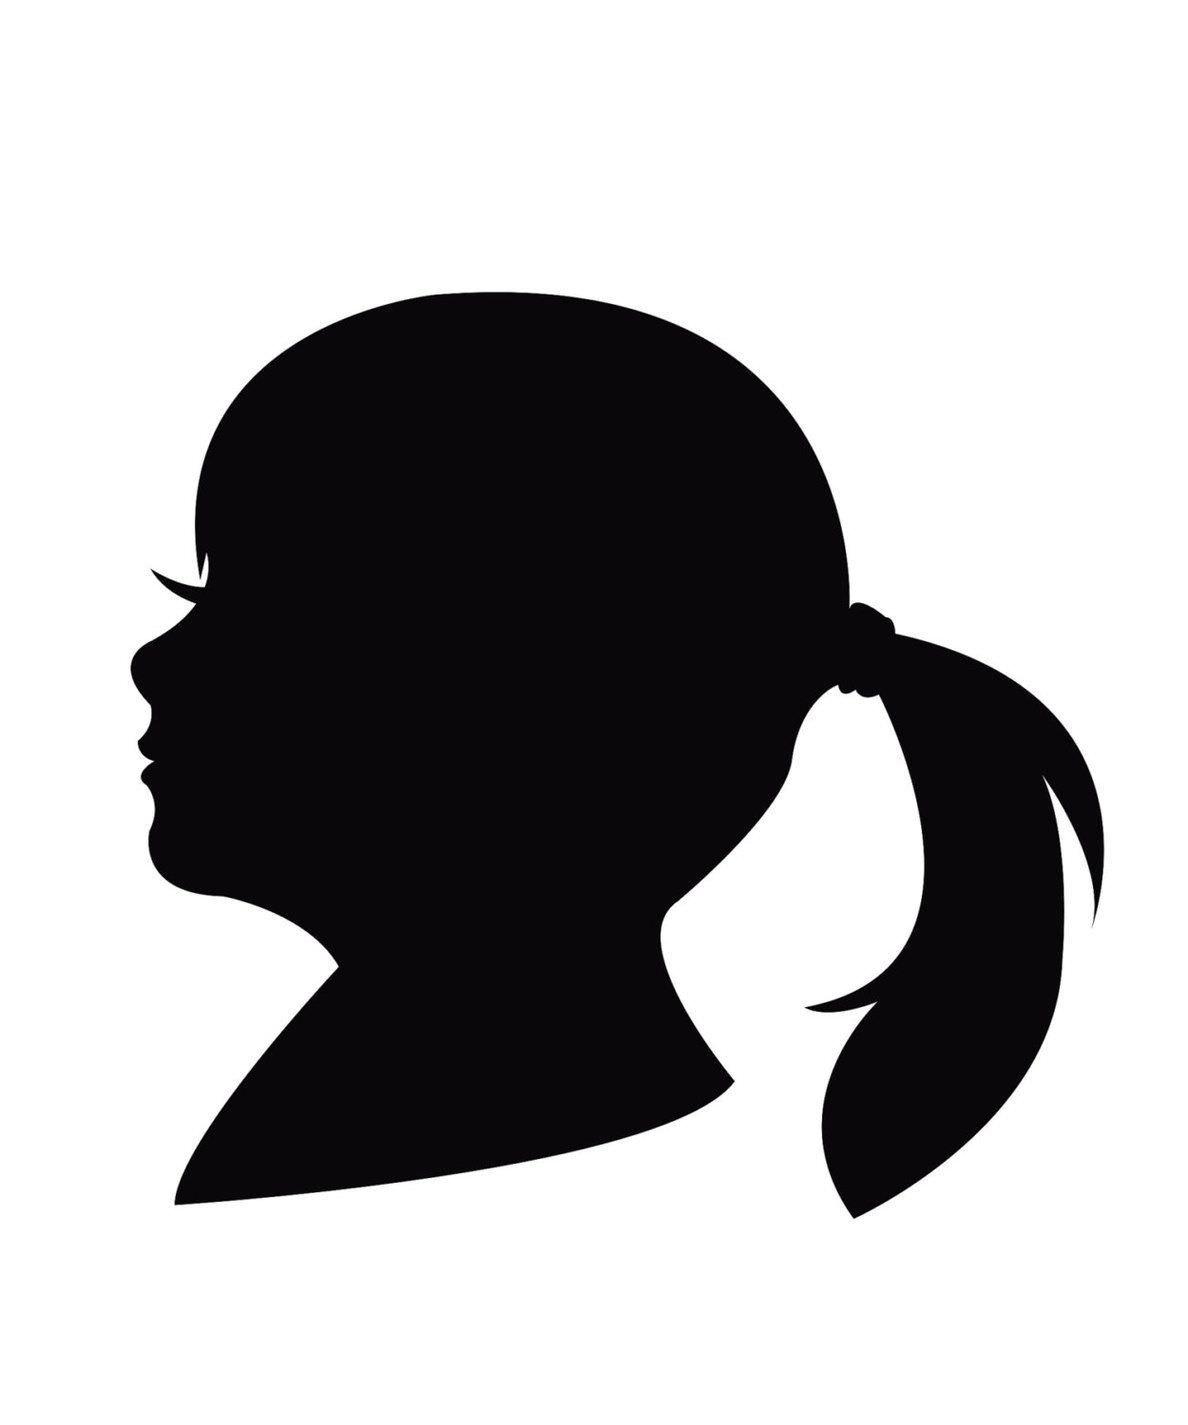 1188x1425 Face Profile Silhouette Clipart